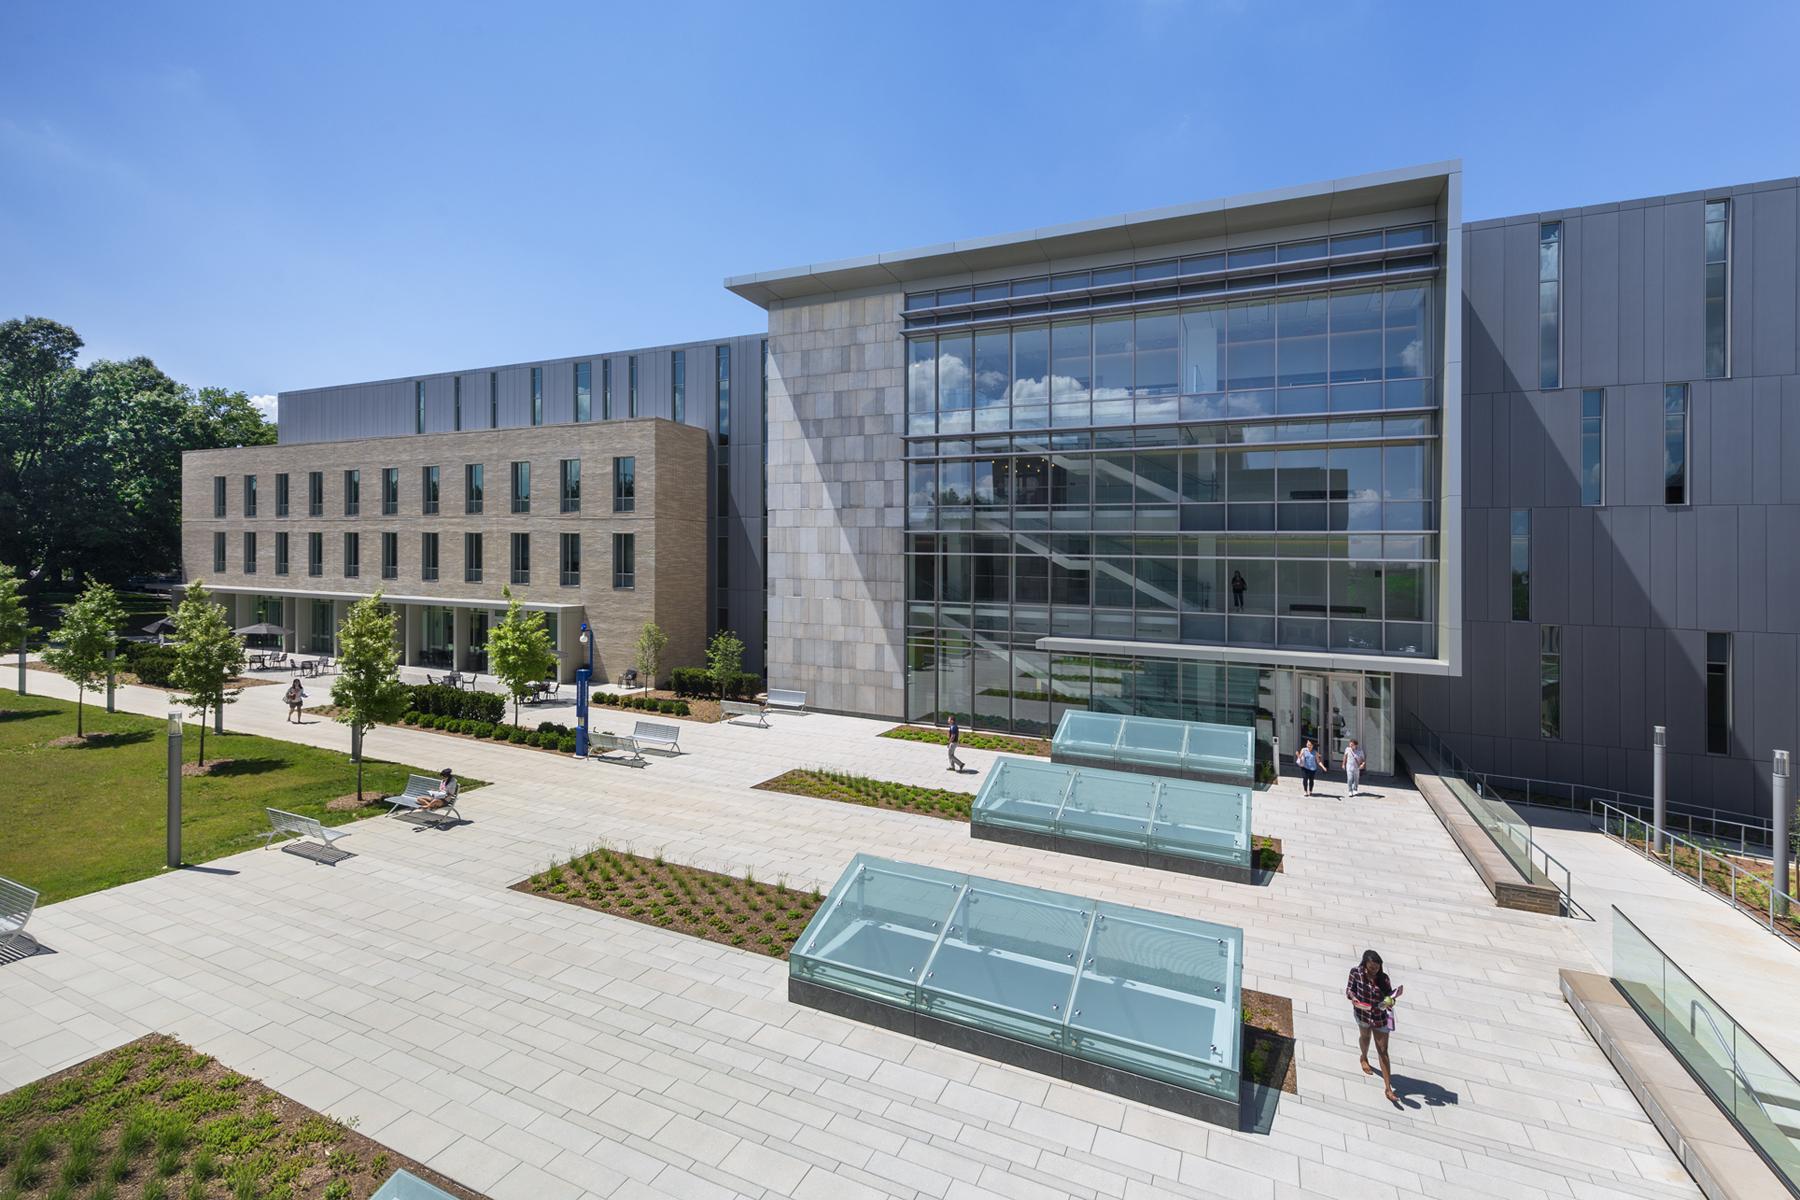 American University Law School >> Tenley Campus Building Opportunity Tenley Campus